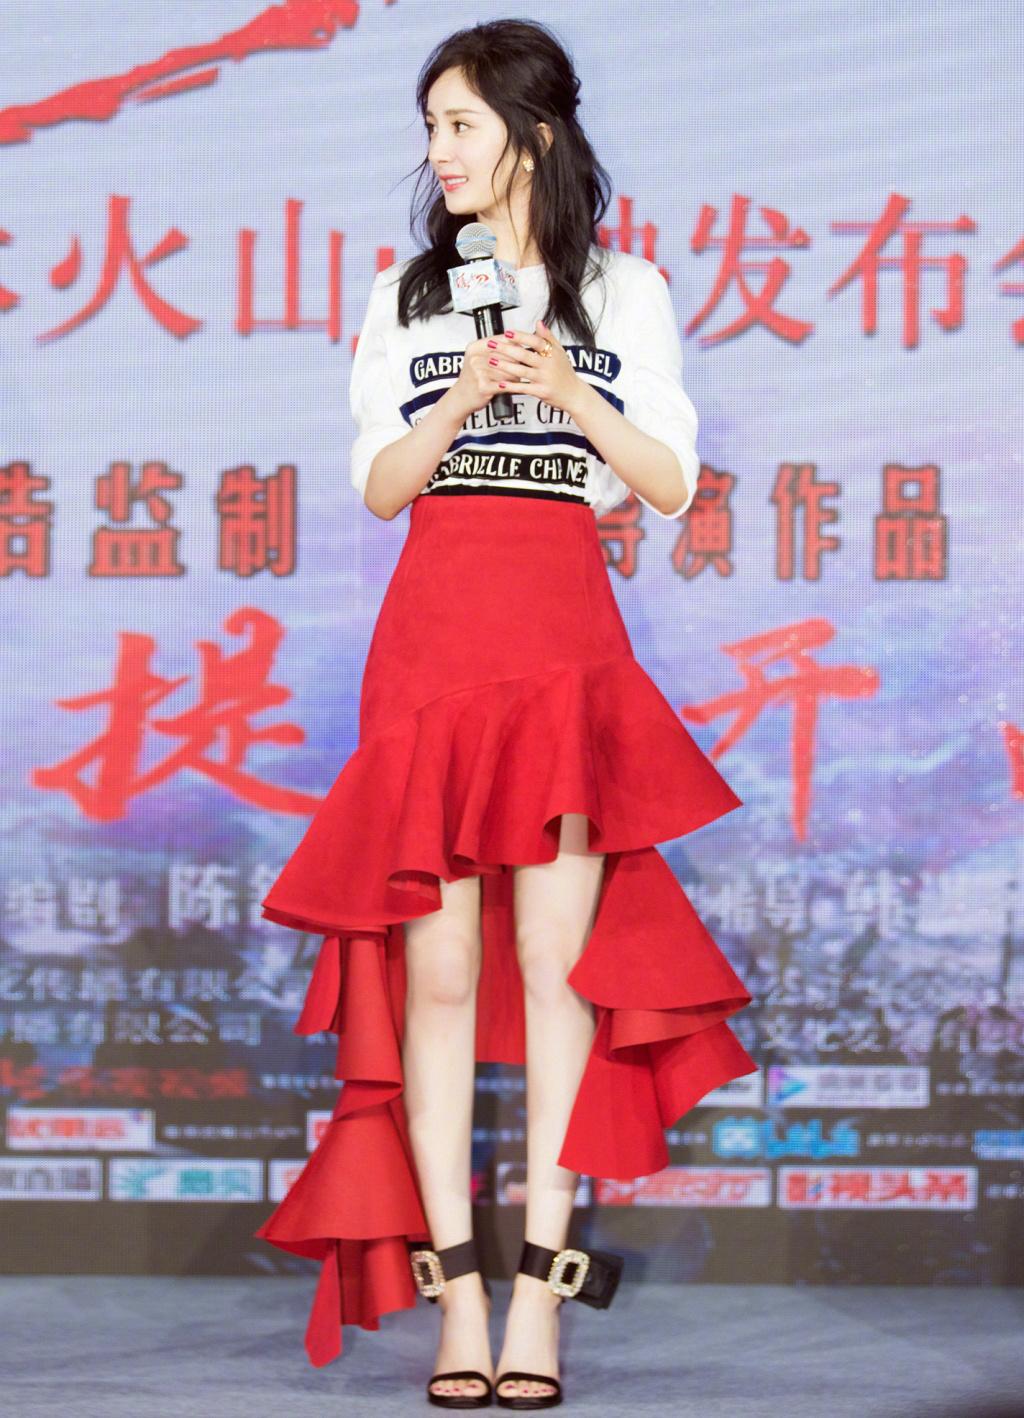 Nổi tiếng mặc đẹp nhưng Dương Mịch cũng từng có vô số pha mặc lỗi chẳng muốn nhìn lại như thế này - Ảnh 2.